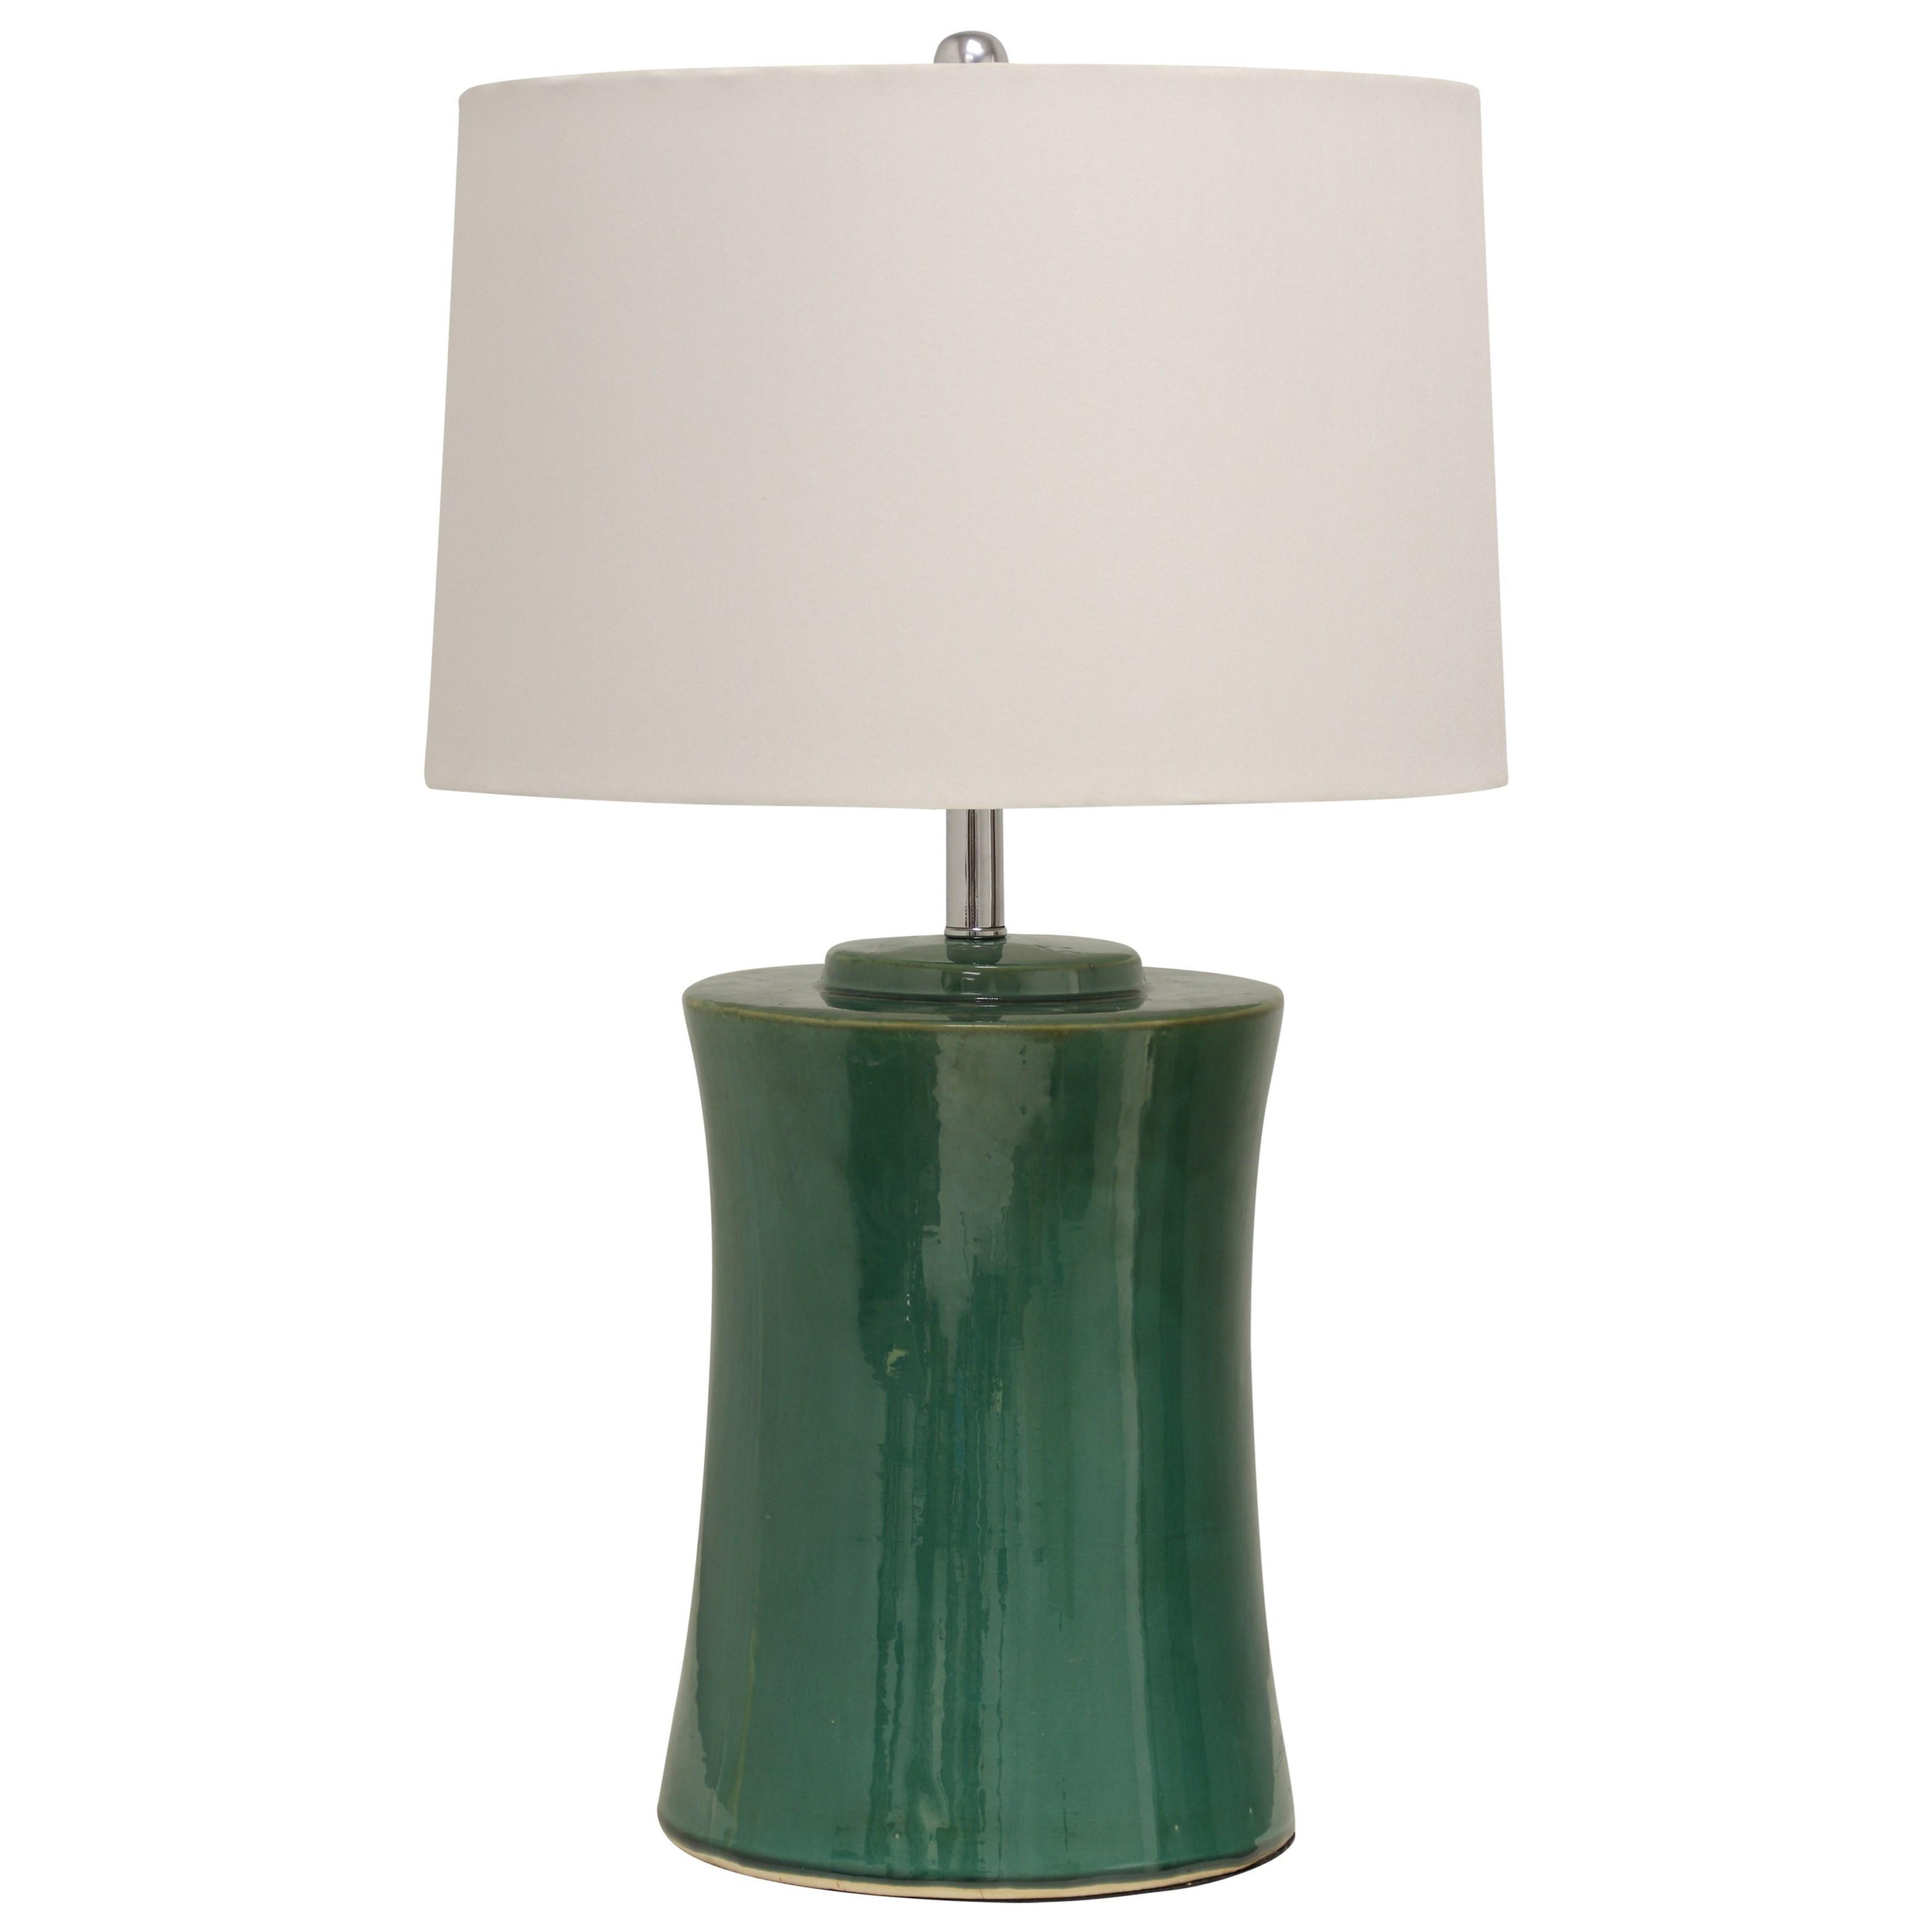 Round Ceramic Table Lamp